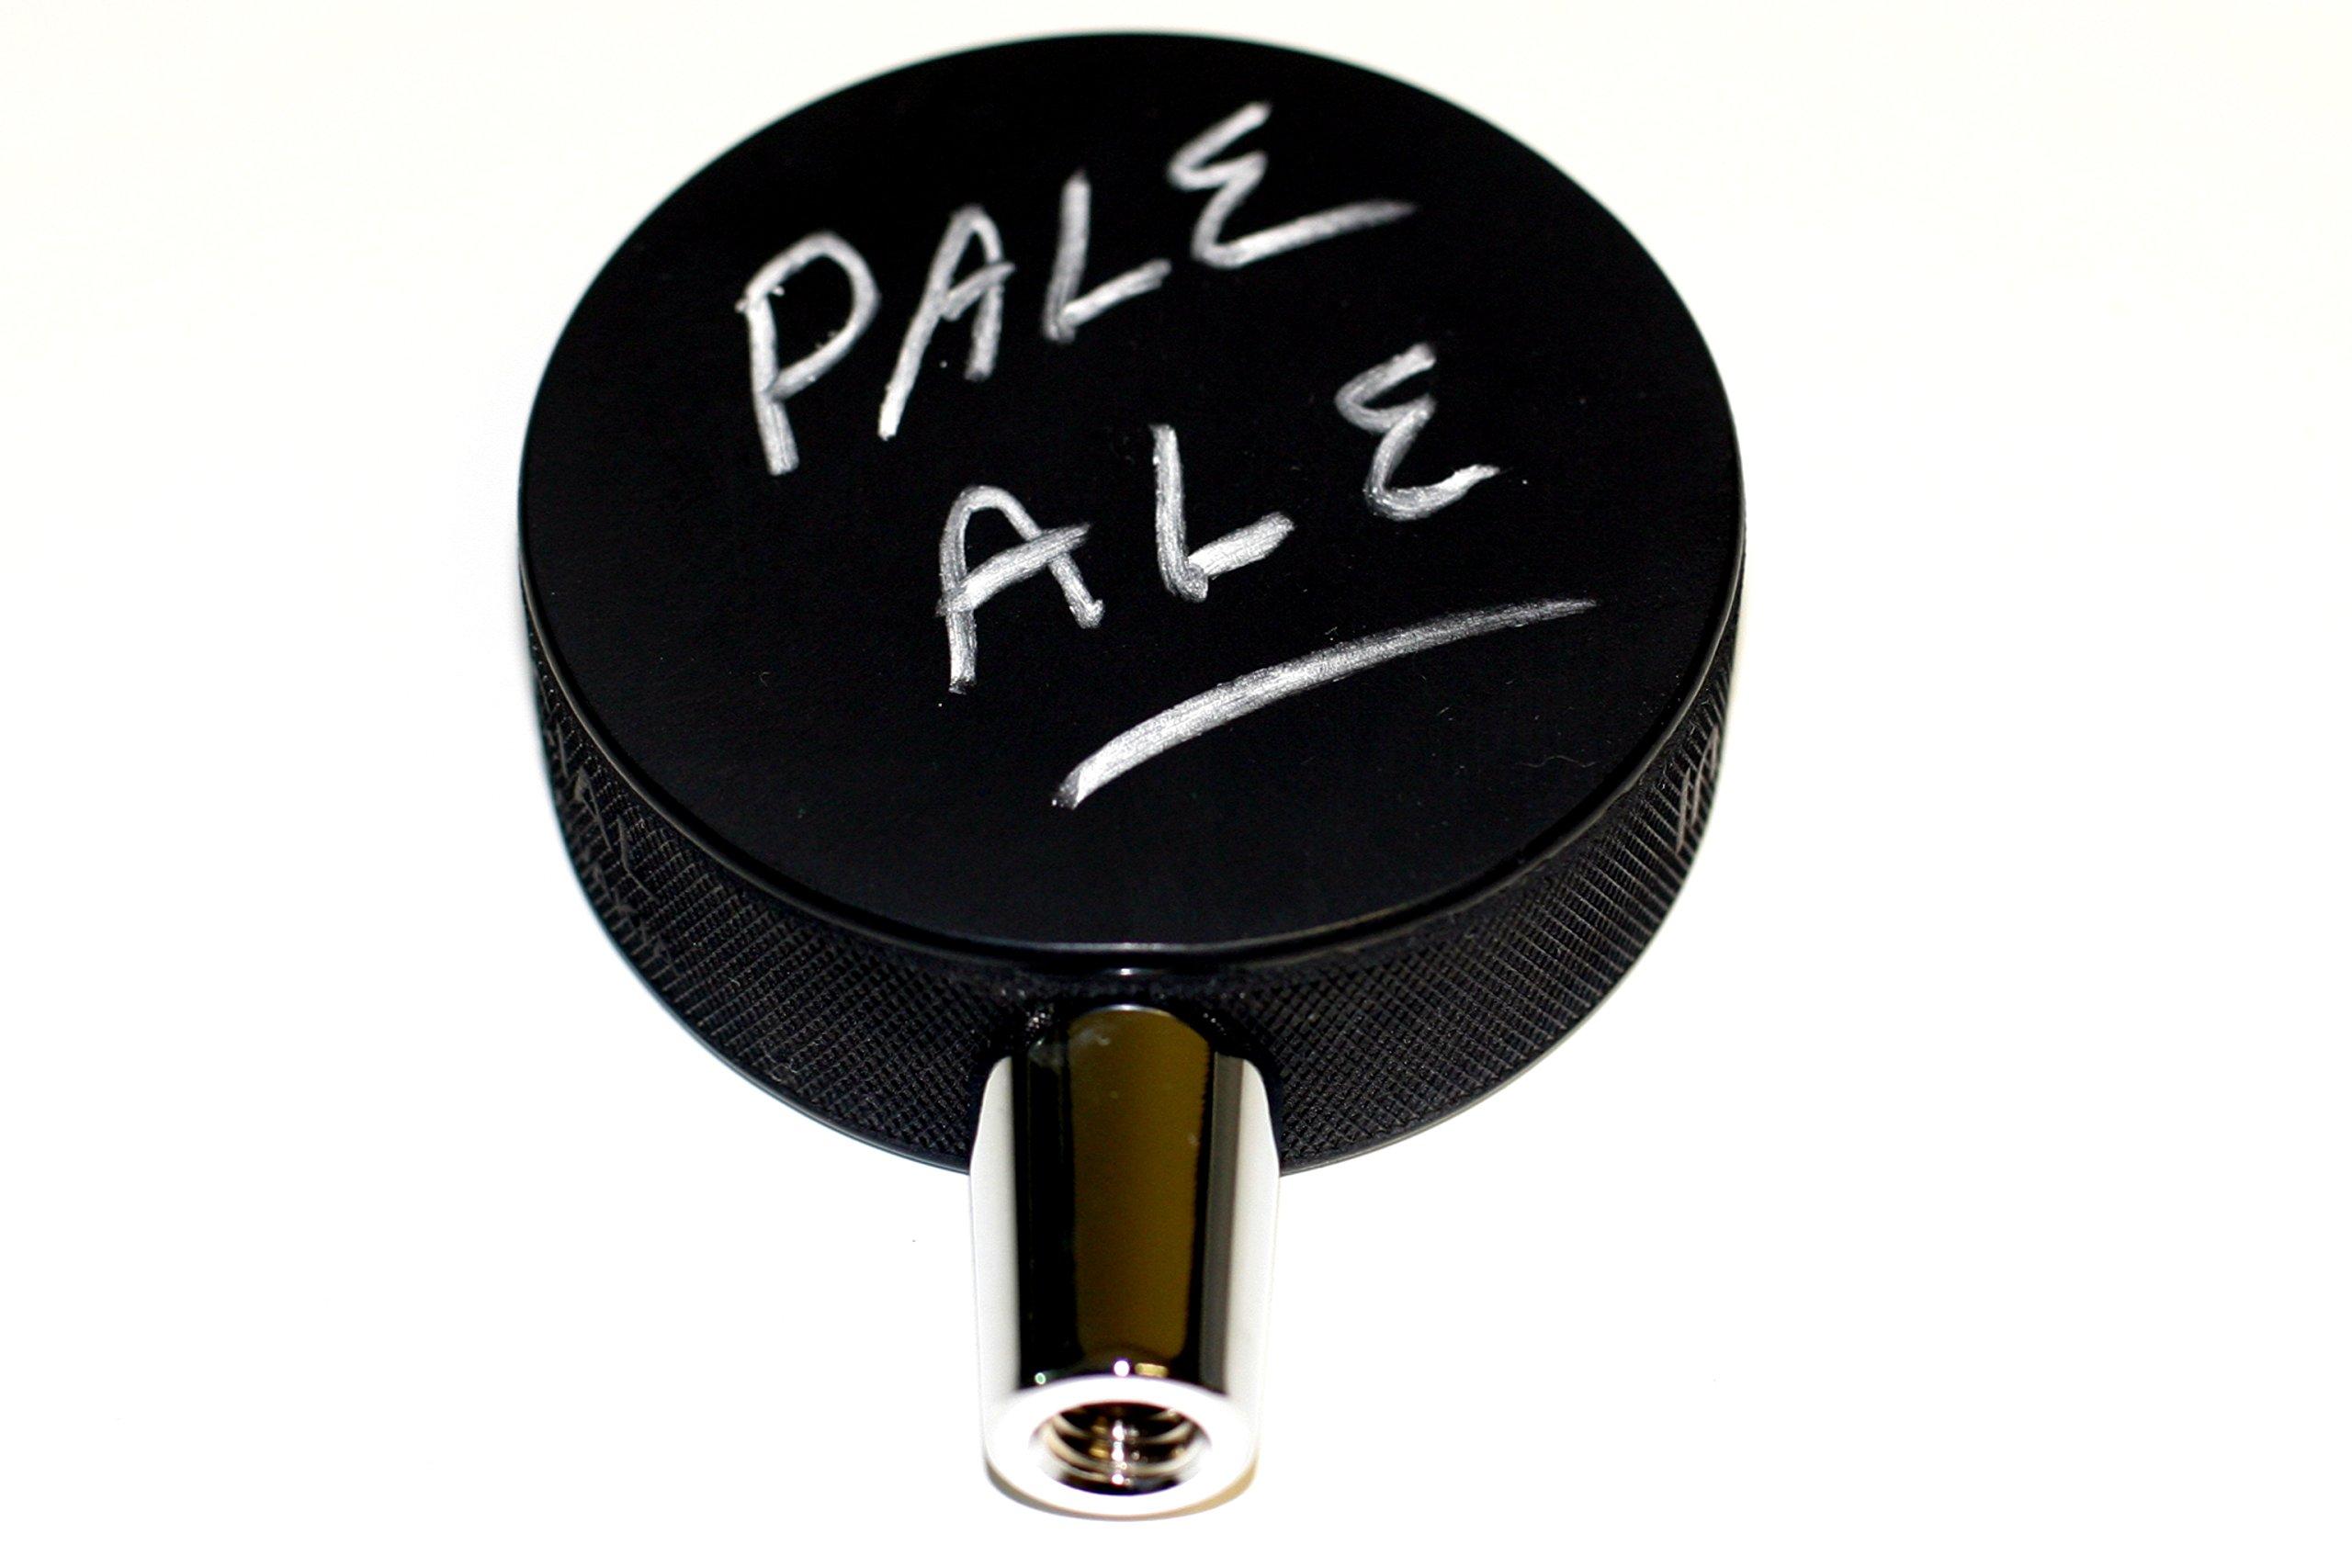 Blank Black Chalkboard Hockey Puck Beer Tap Handle